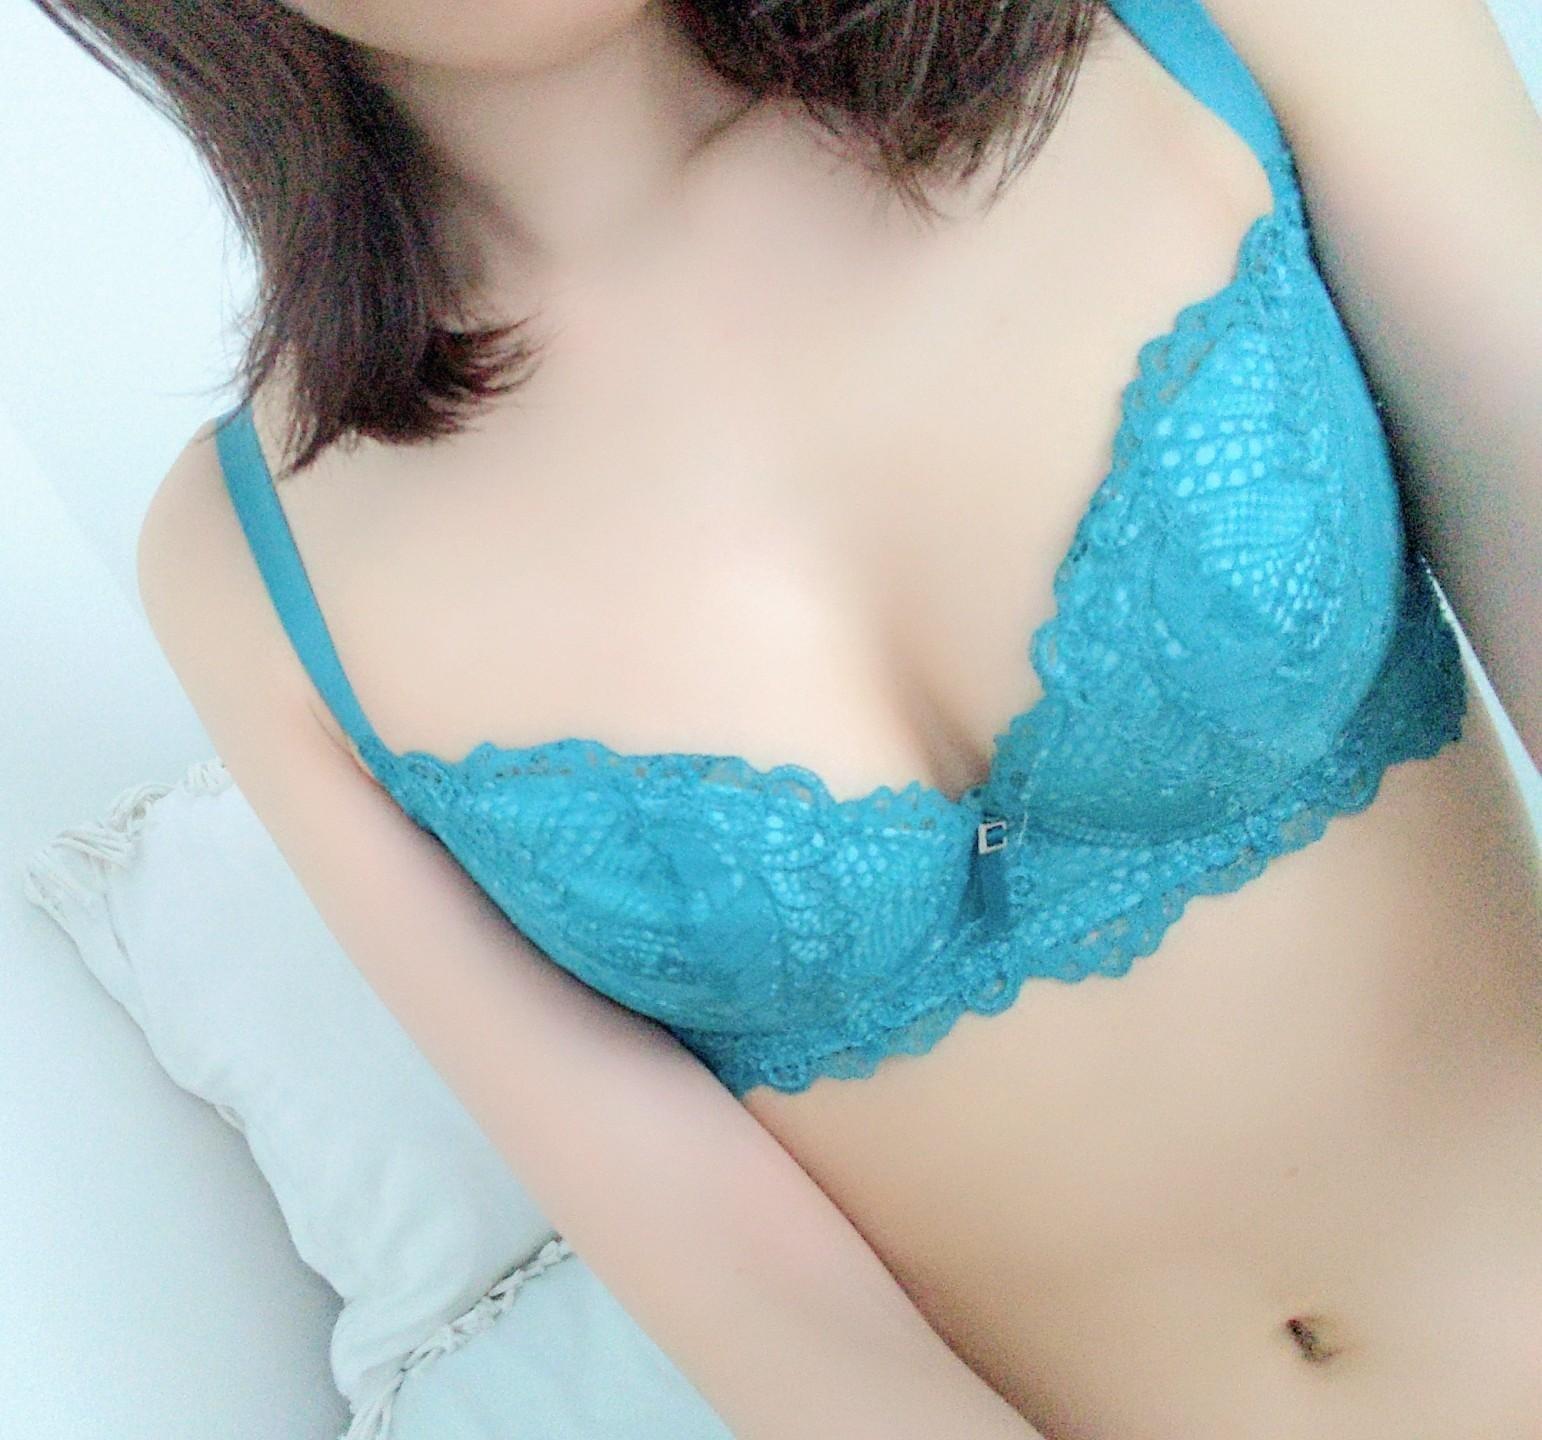 「おきしとしん」10/01(木) 22:31   神山いぶきの写メ・風俗動画